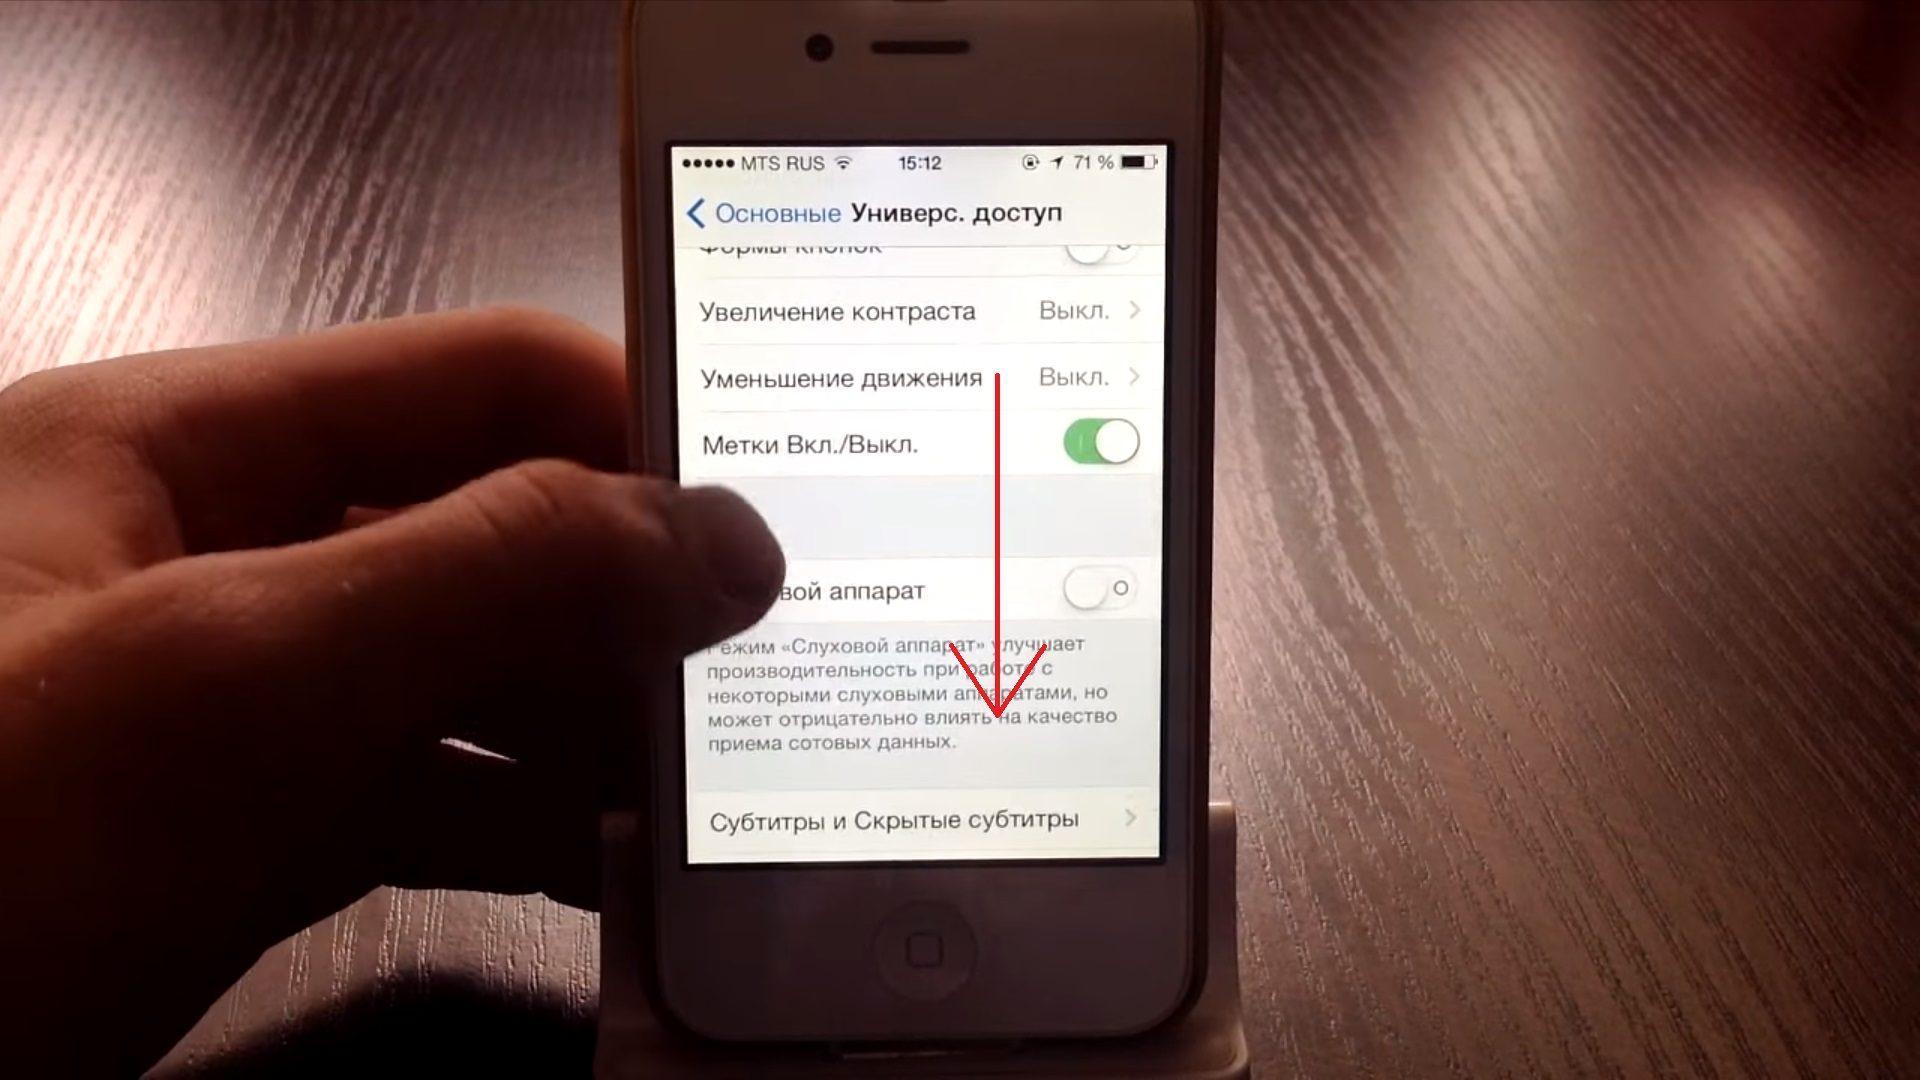 как отключить мигание на айфоне